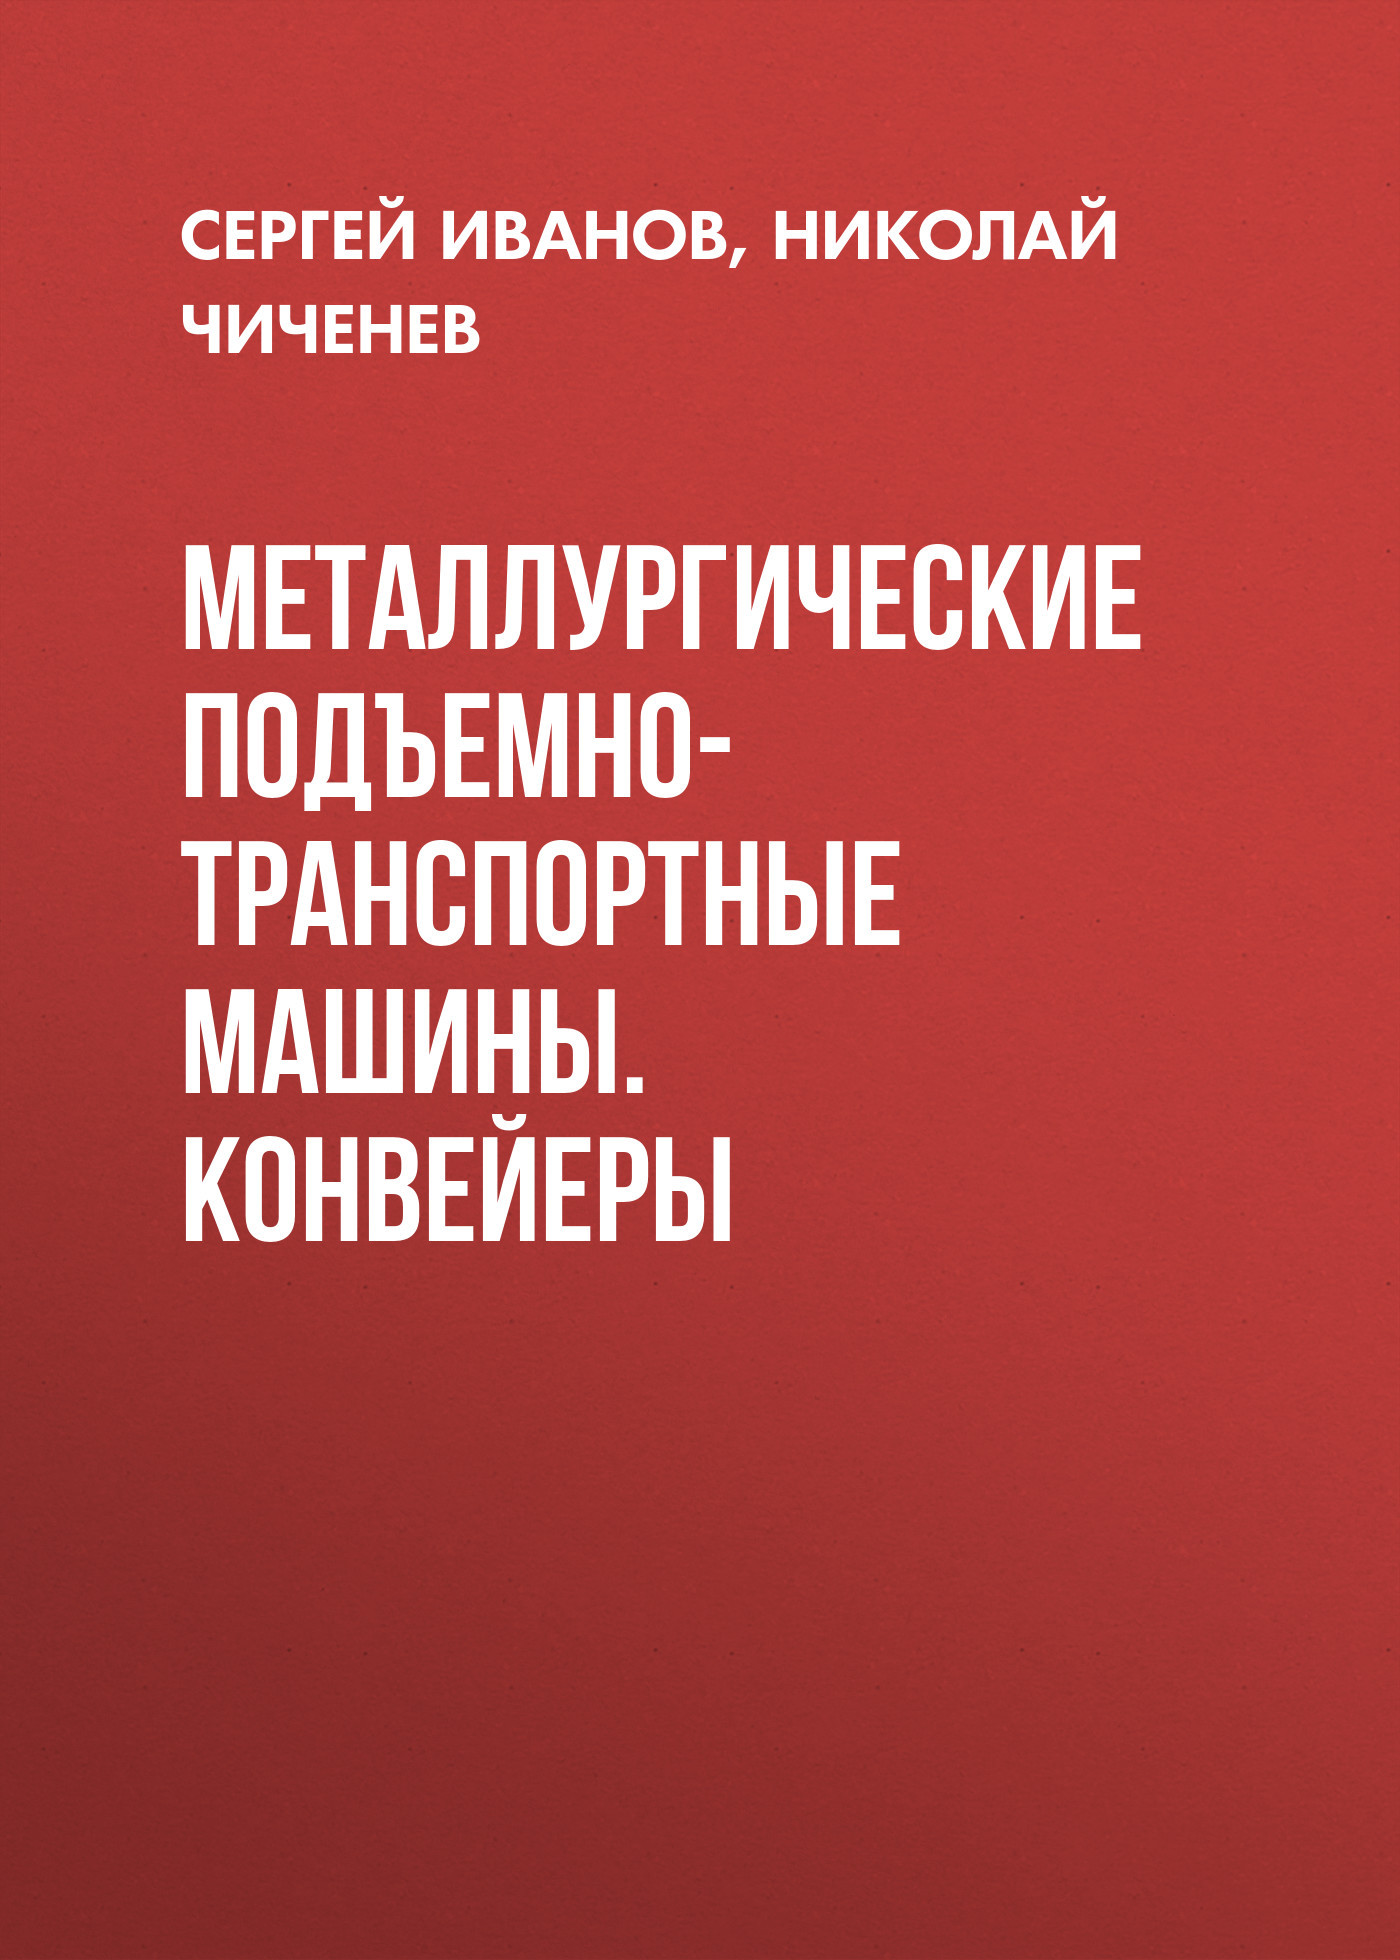 Сергей Иванов Металлургические подъемно-транспортные машины. Конвейеры виктор варягин практические рекомендации по океанскому и морскому яхтингу